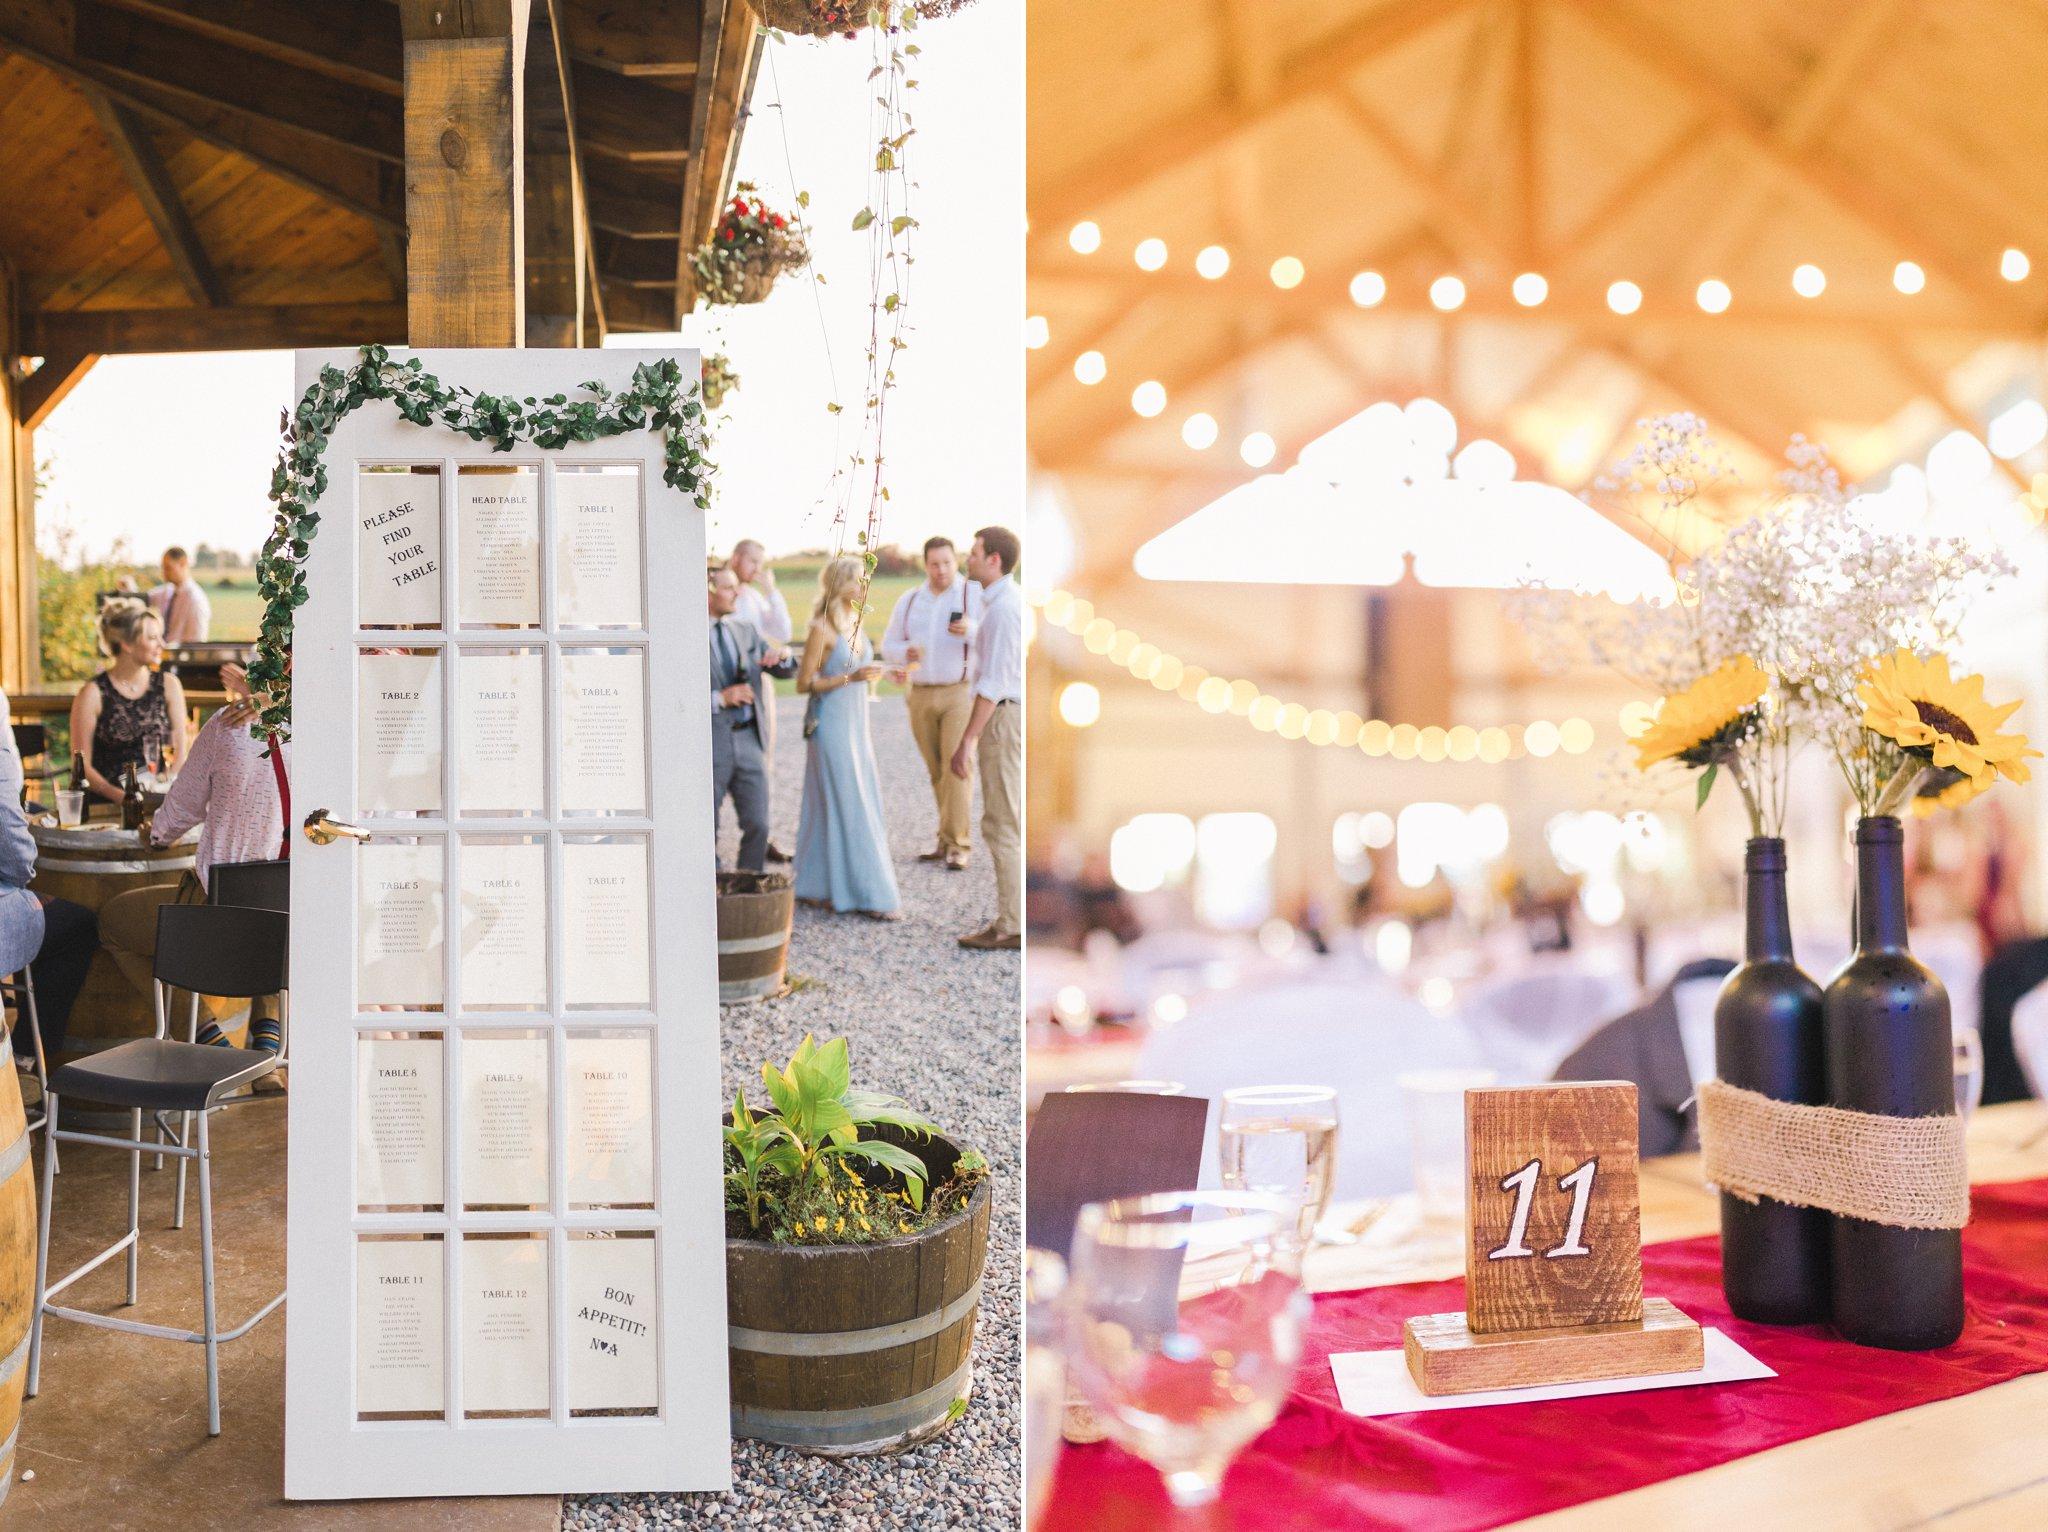 Seating chart door Ontario vineyard wedding